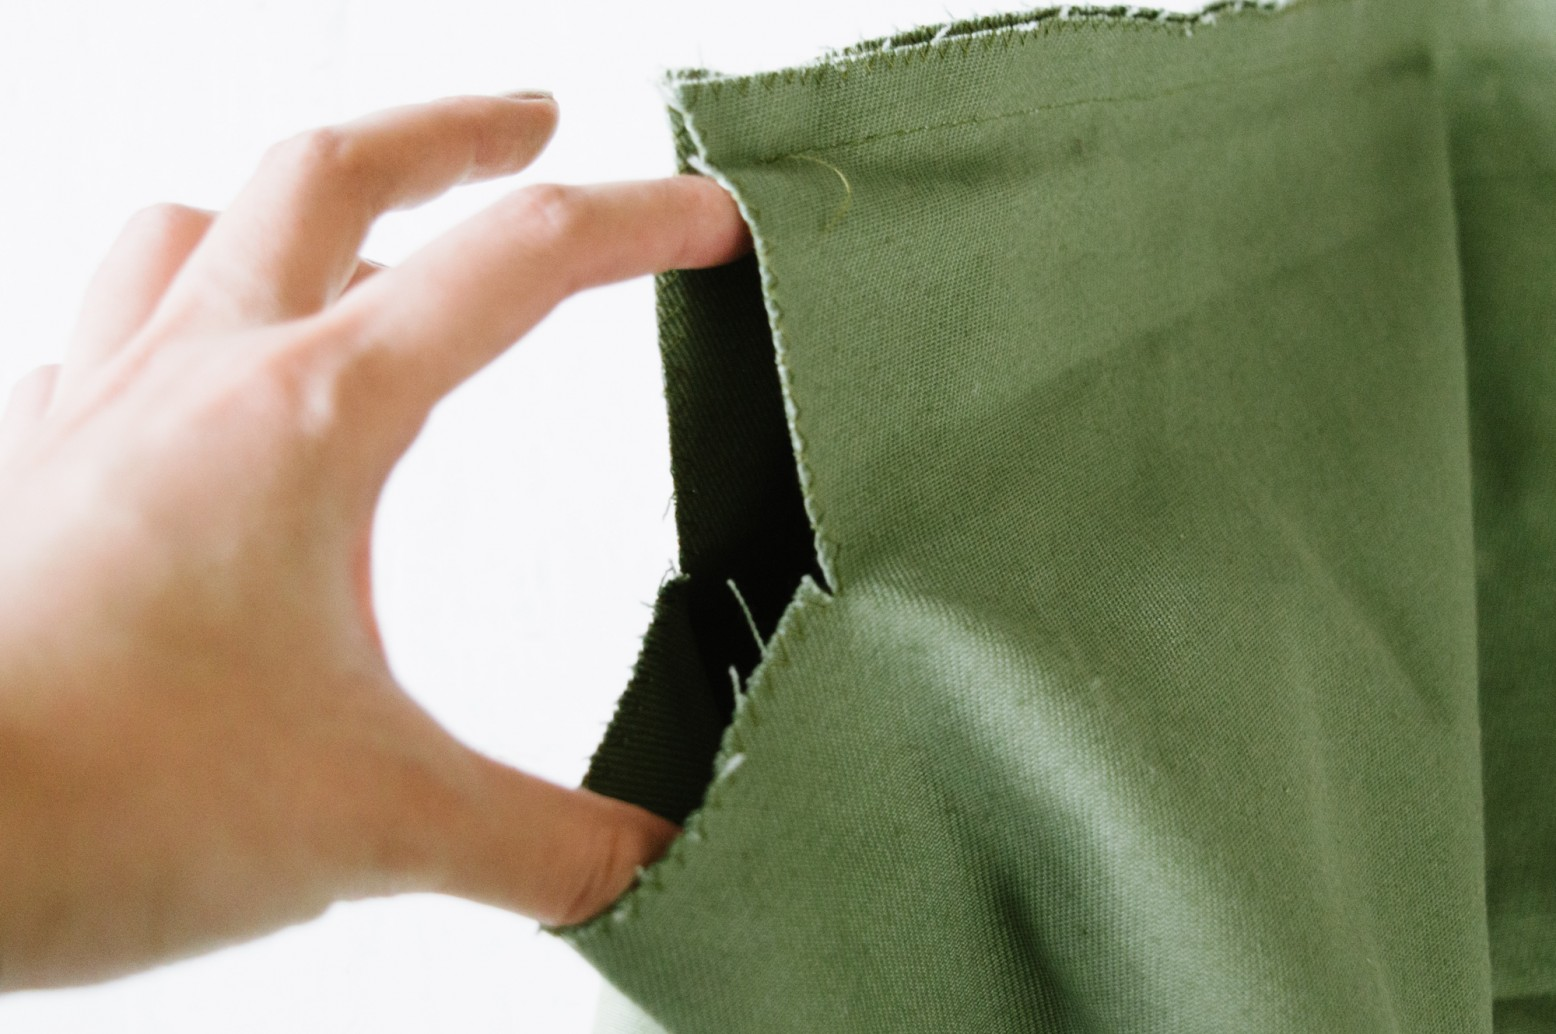 Cách may túi vải tại nhà - mở góc túi